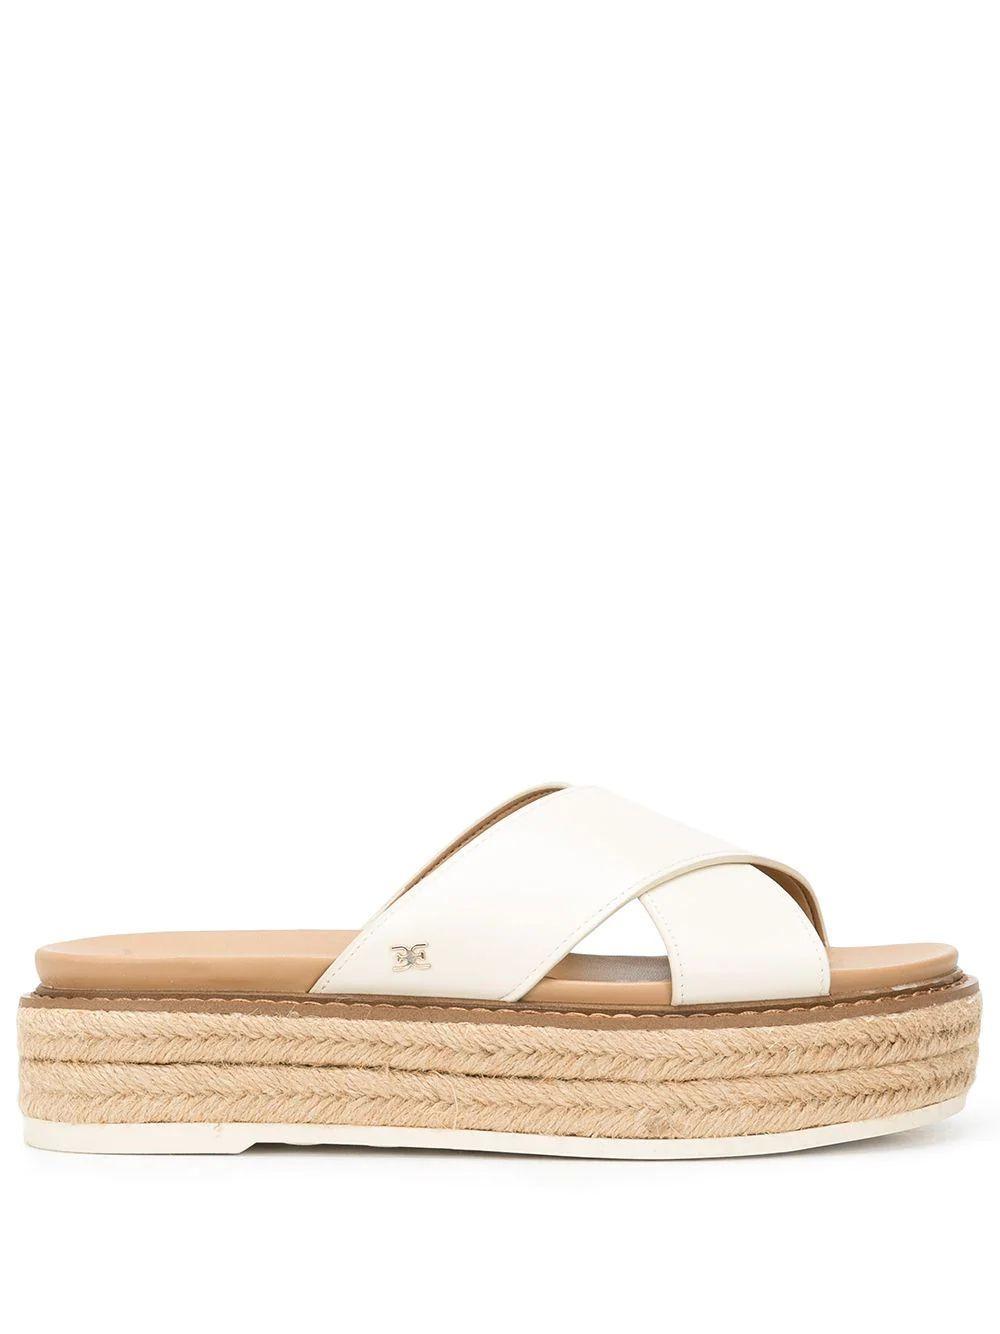 Korina Sandals